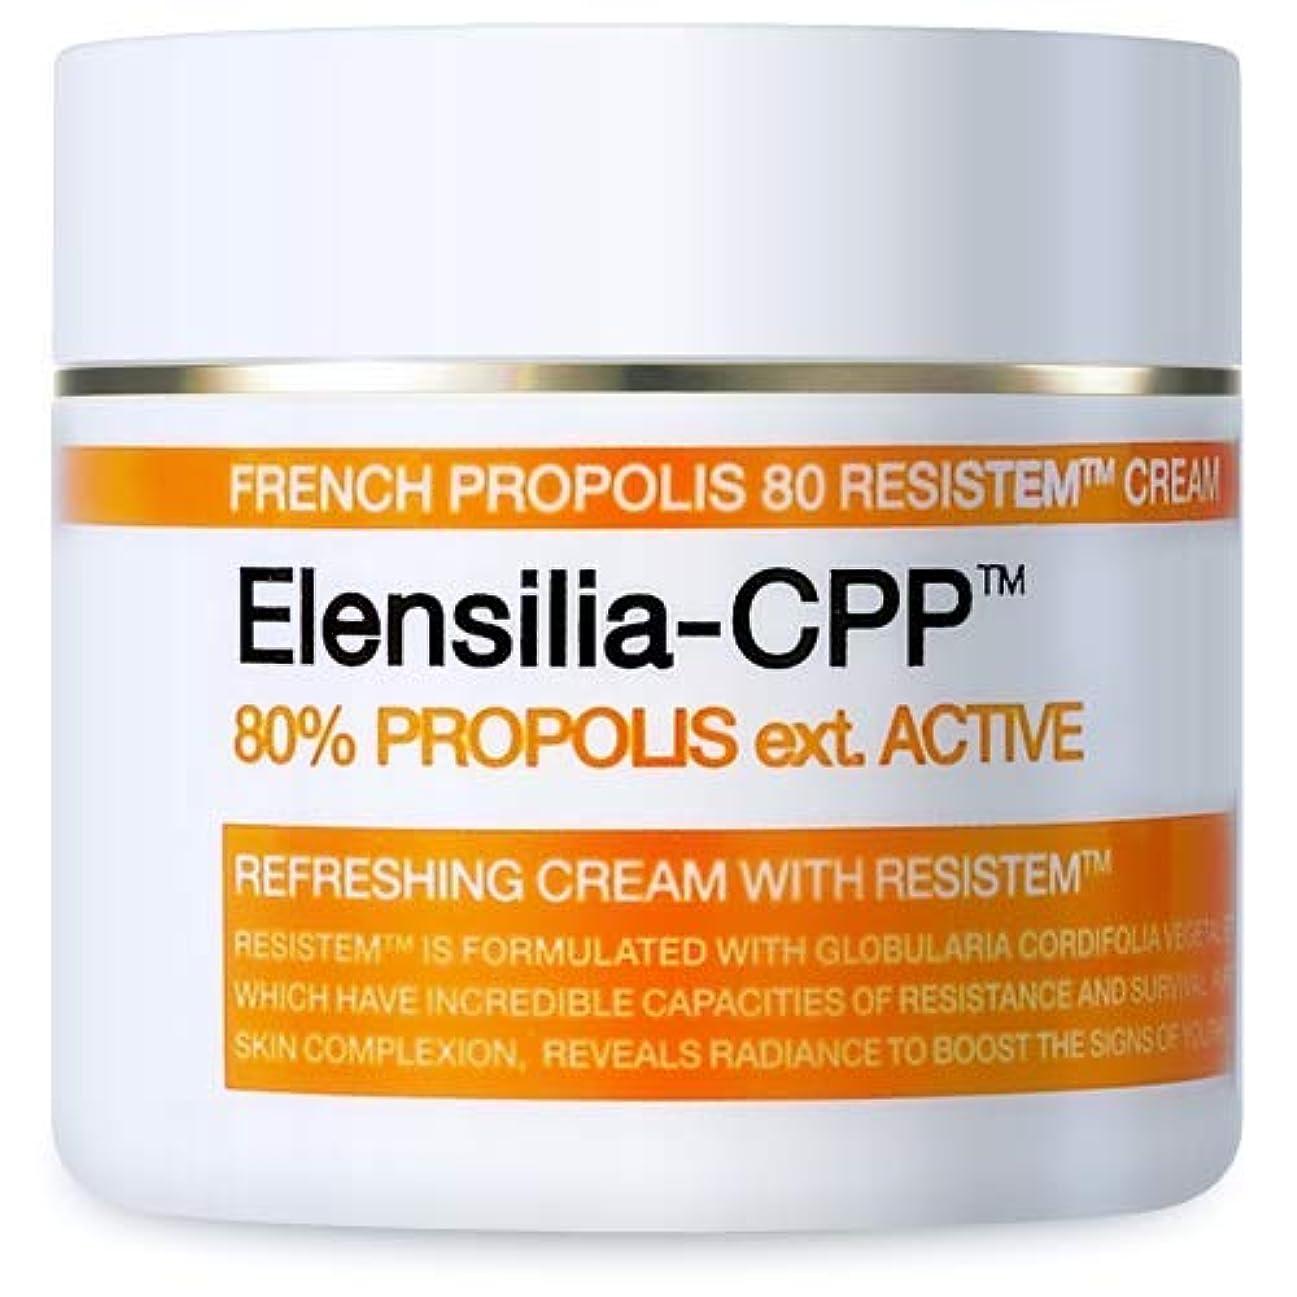 染料可聴延期するElensilia CPP フレンチ プロポリス 80 リシステム クリーム / CPP French Propolis 80 Resistem Cream (50g) [並行輸入品]